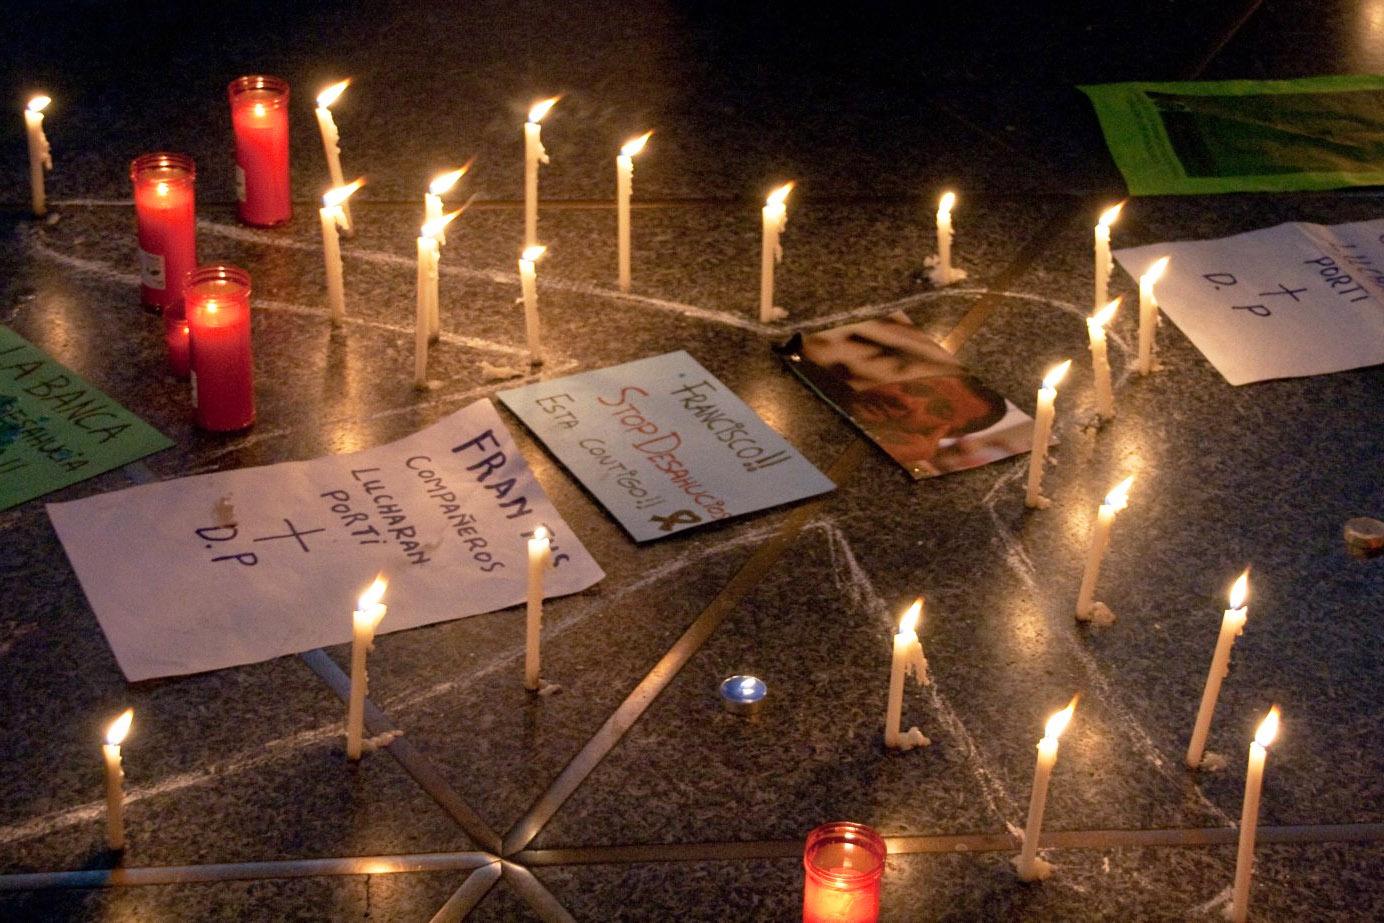 web-suicide-spain-candles-javi-cc